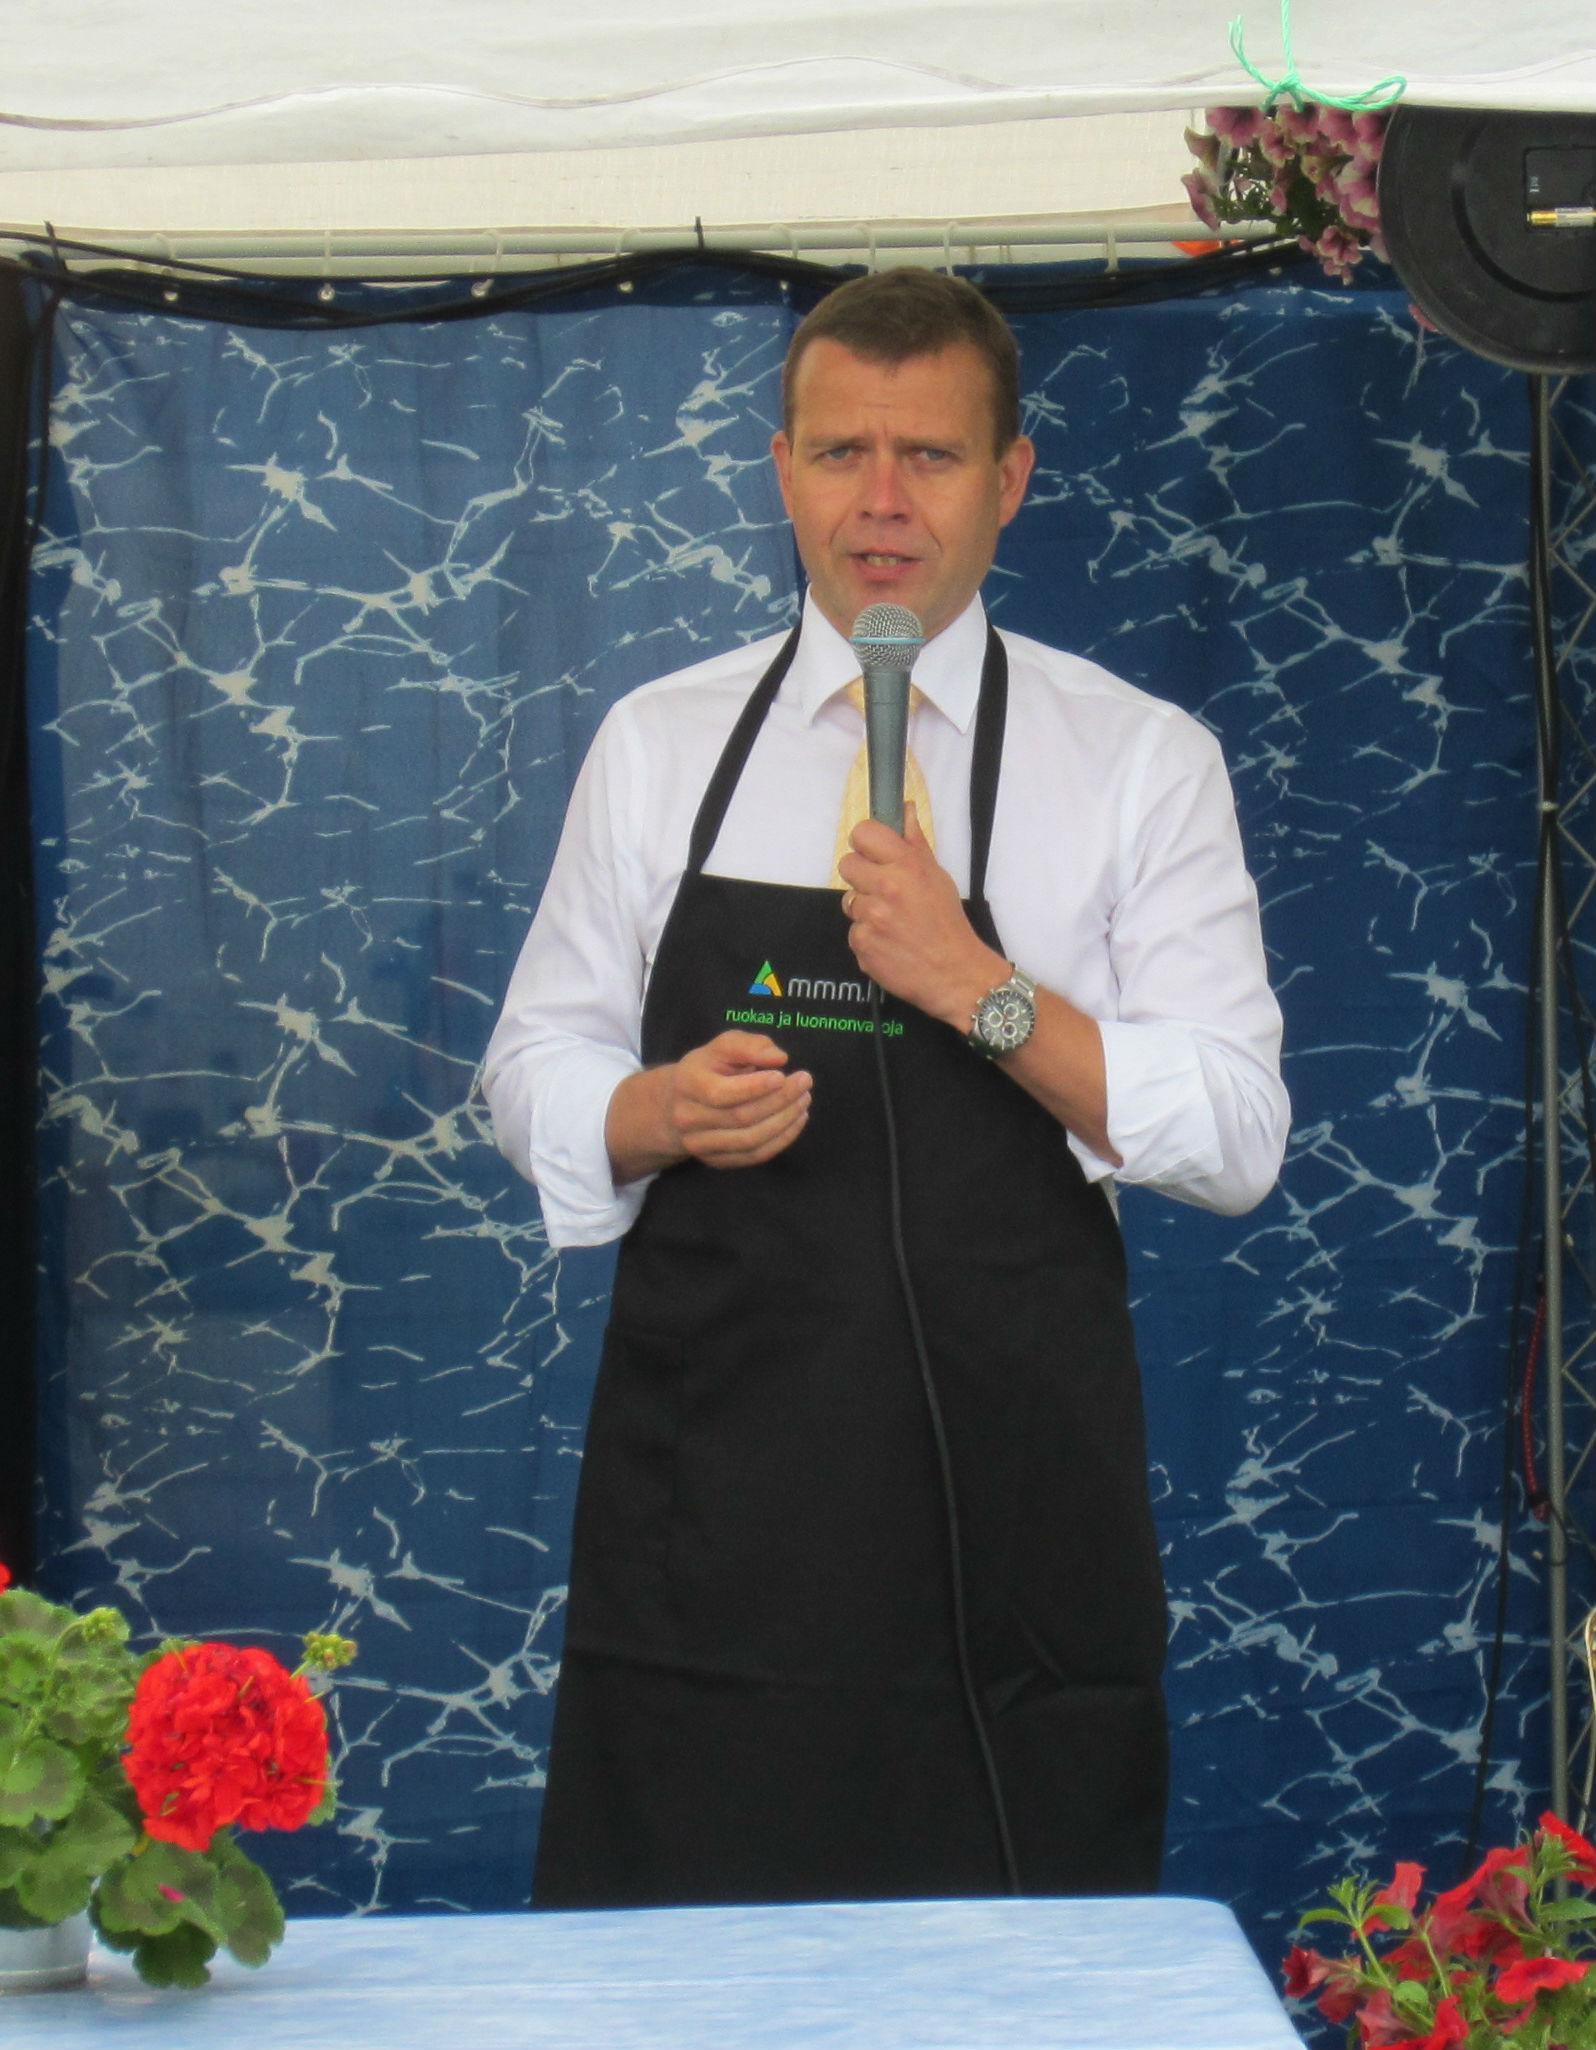 Maa- ja metsätalousministeri Petteri Orpo puhuu kotimaisen ruoan puolesta.